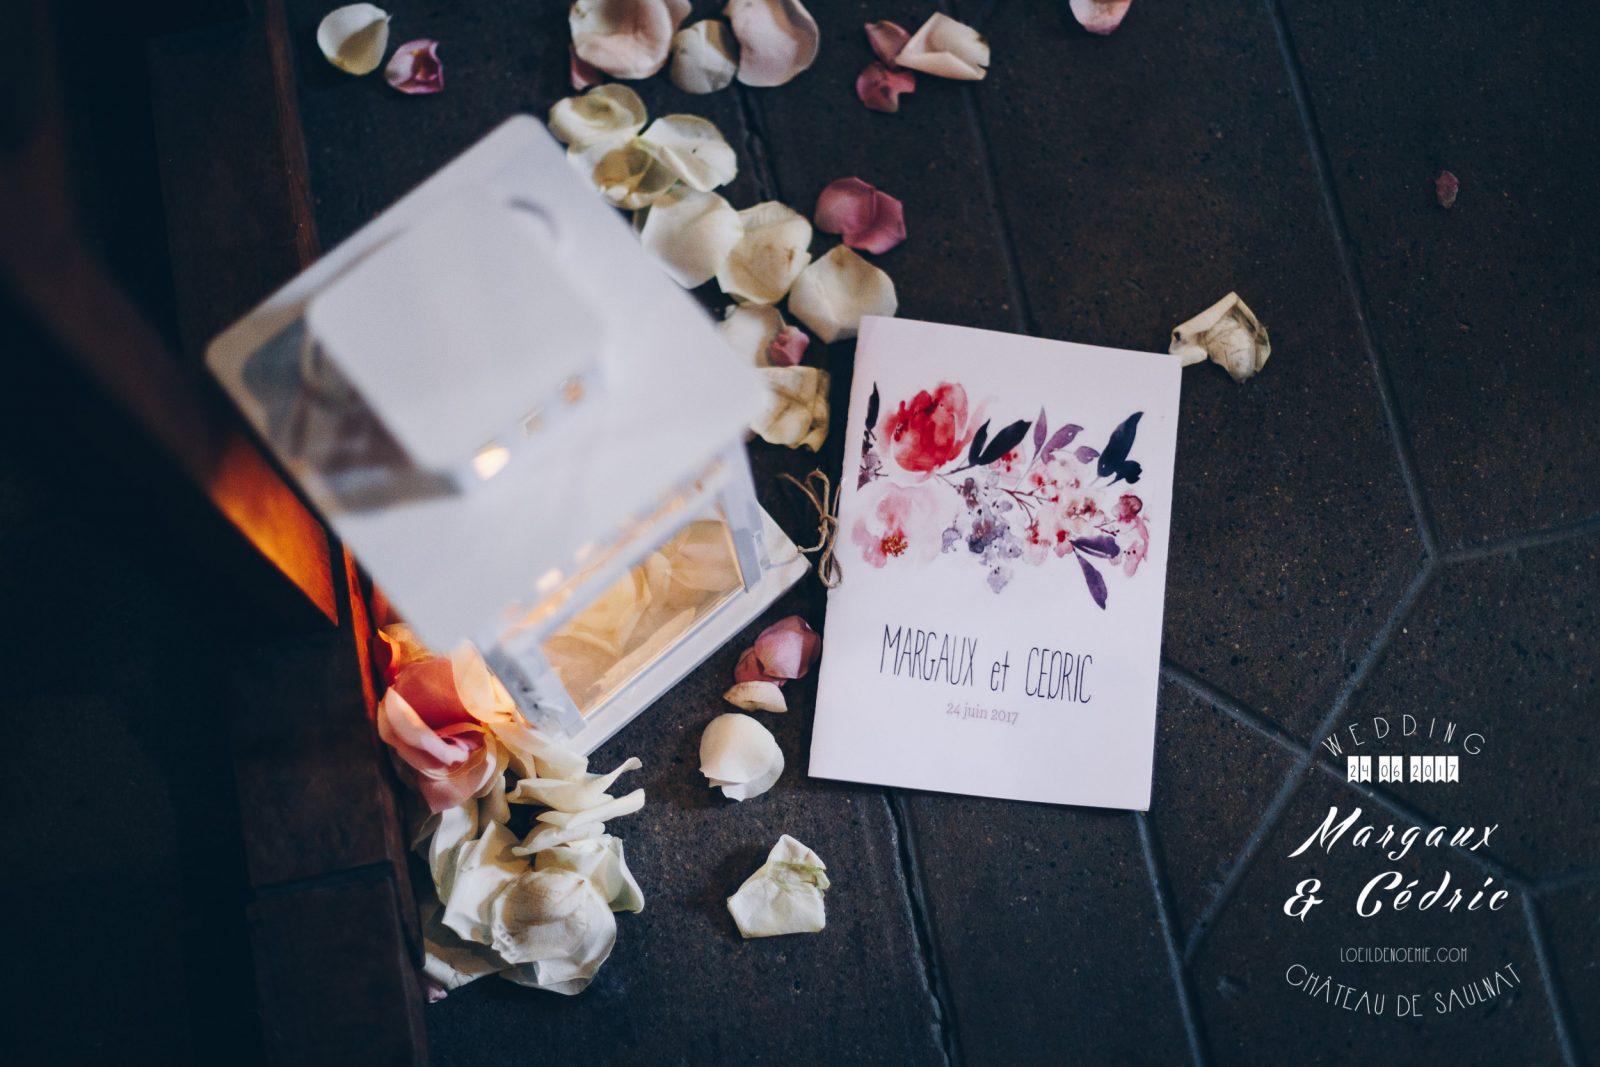 réussir son mariage, mariage chic et gourmand, décoration et détails chics de mariage, belle photo soirée de mariage, L'oeil de Noémie meilleur photographe de mariage en Auvergne